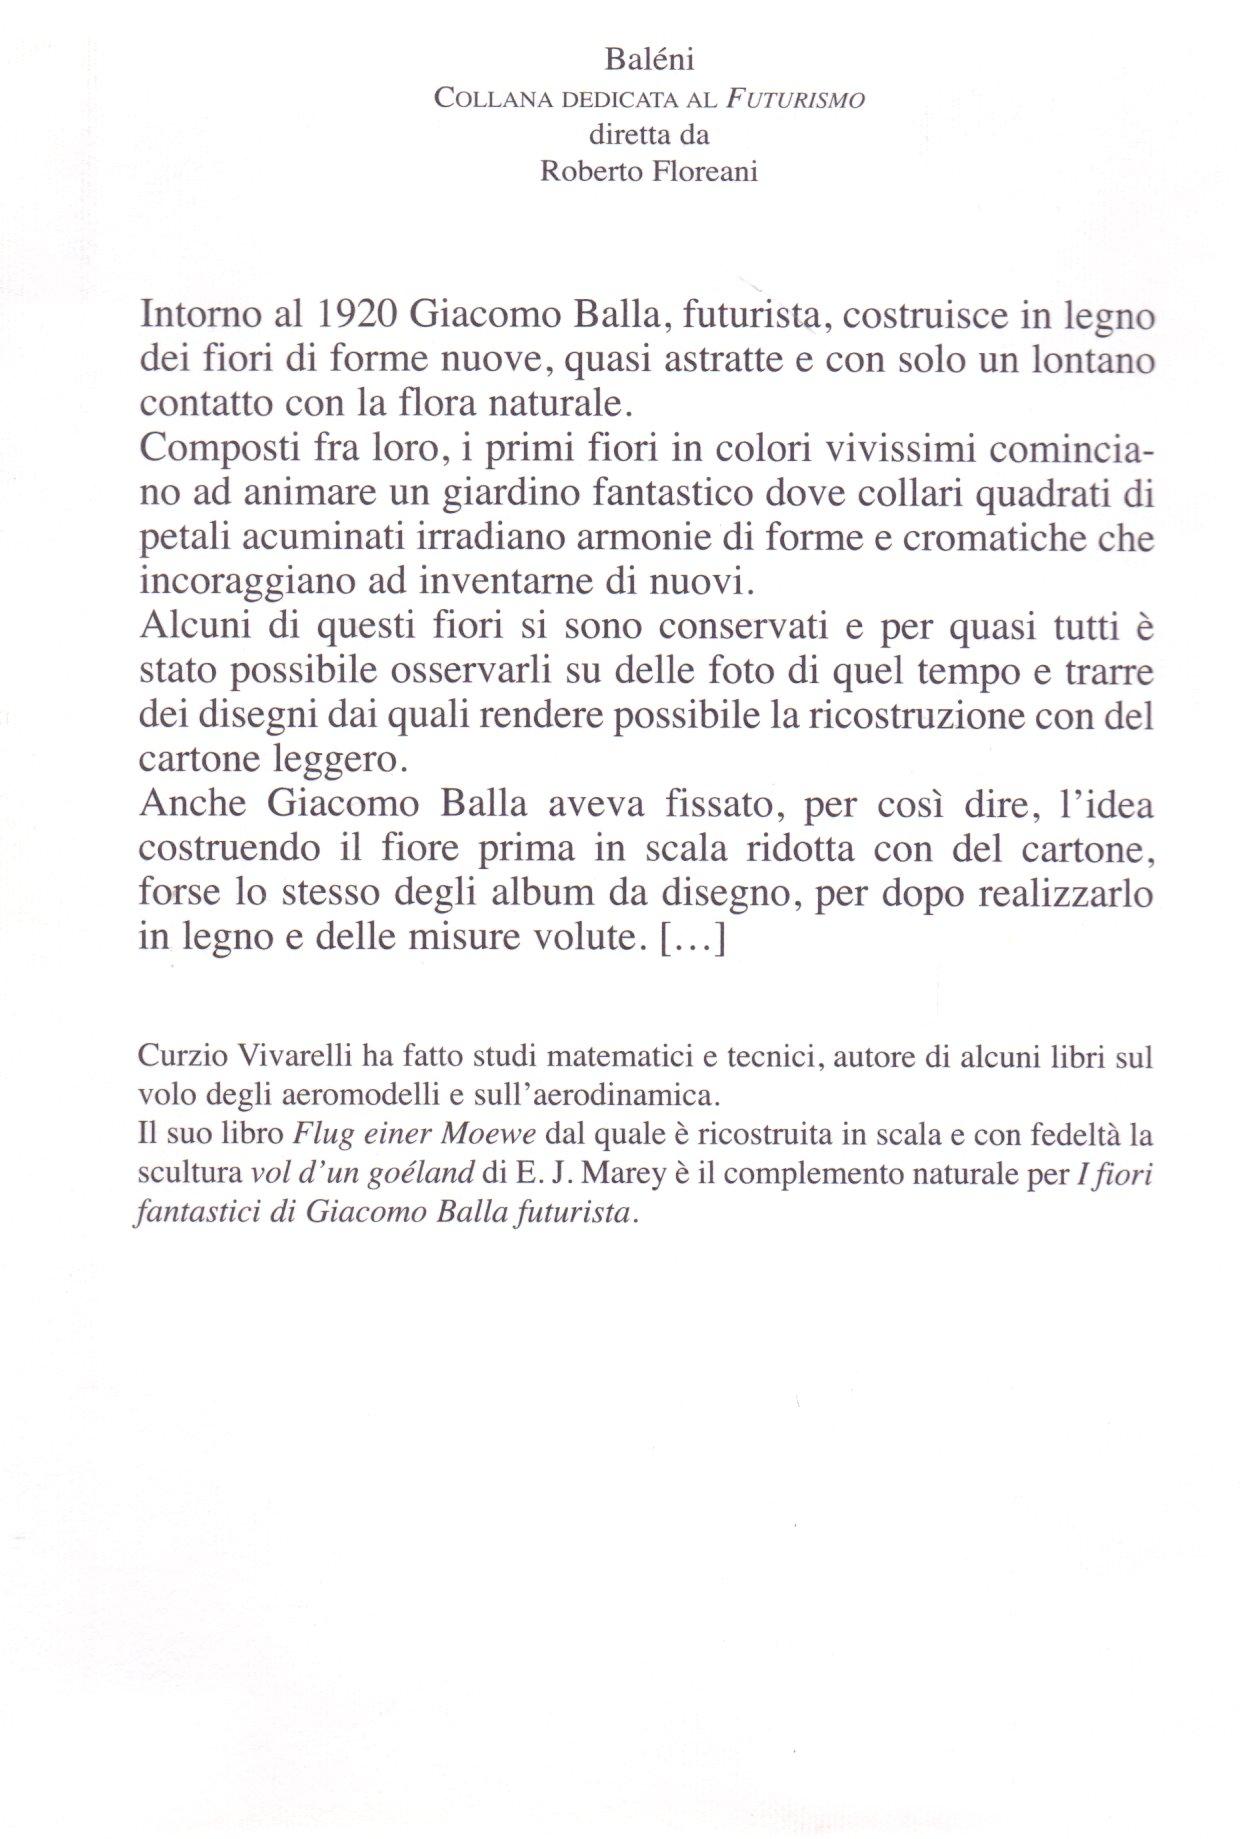 I fiori fantastici di Giacomo Balla futurista.